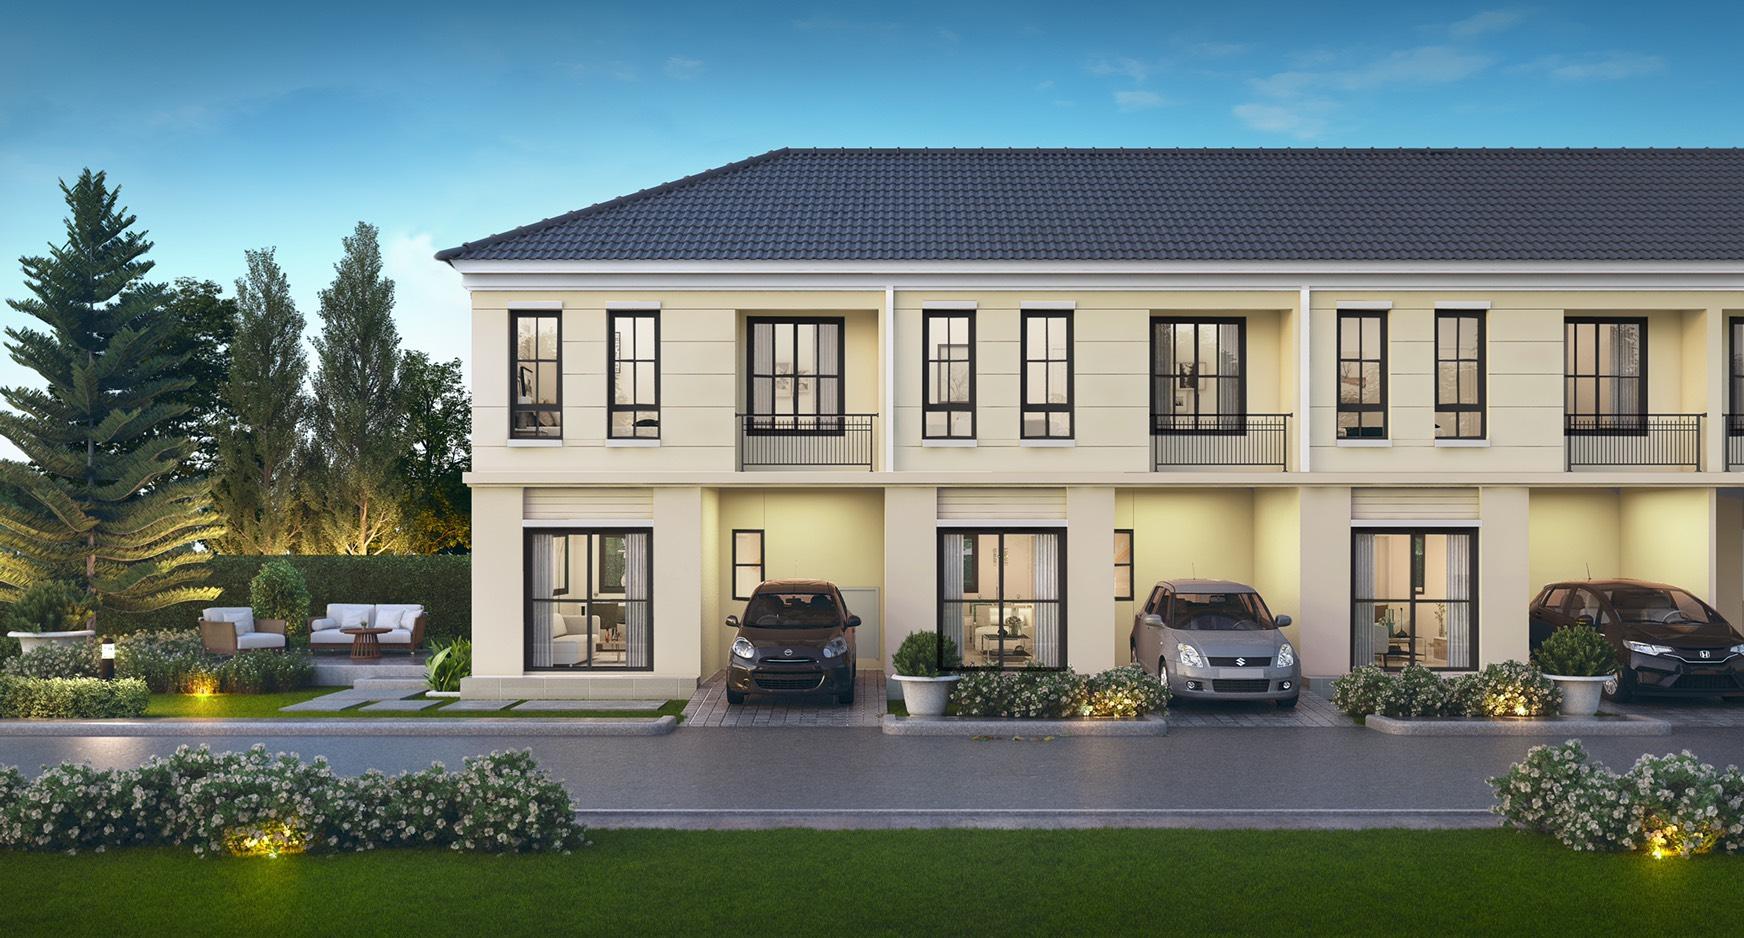 บ้านพฤกษา ศรีนครินทร์ - บางนา โครงการ 3 (Baan Pruksa Srinakarin - Bangna 3) ราคา-สเปค-โปรโมชั่น